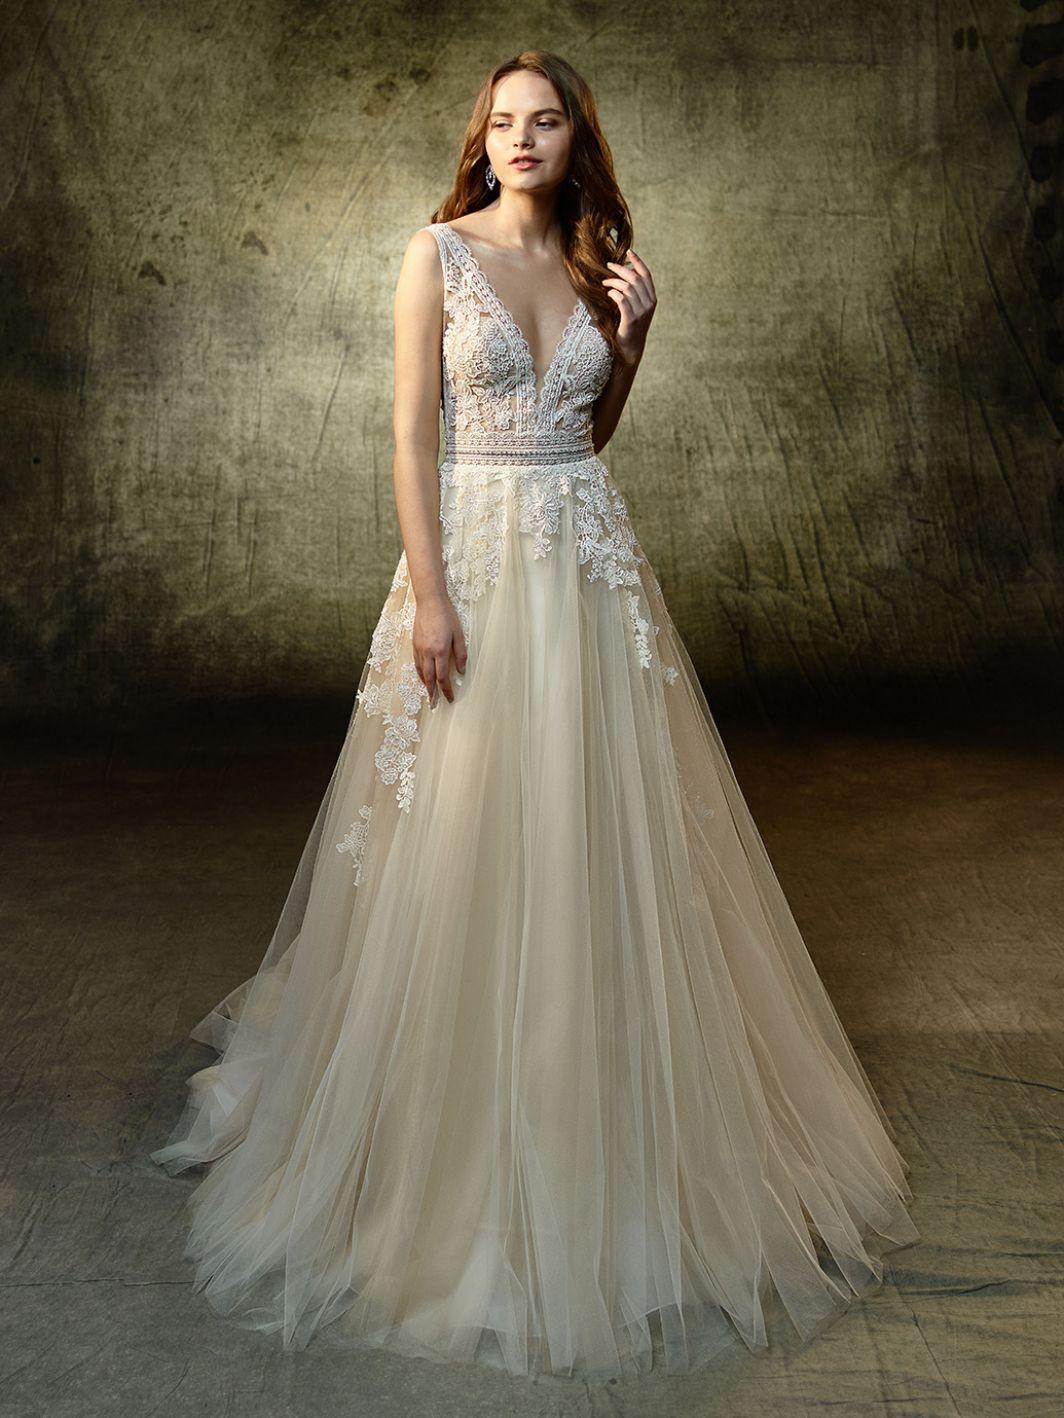 Lace wedding dress ivory january 2019 Lavender FrontCollection name   Wedding u Engagement